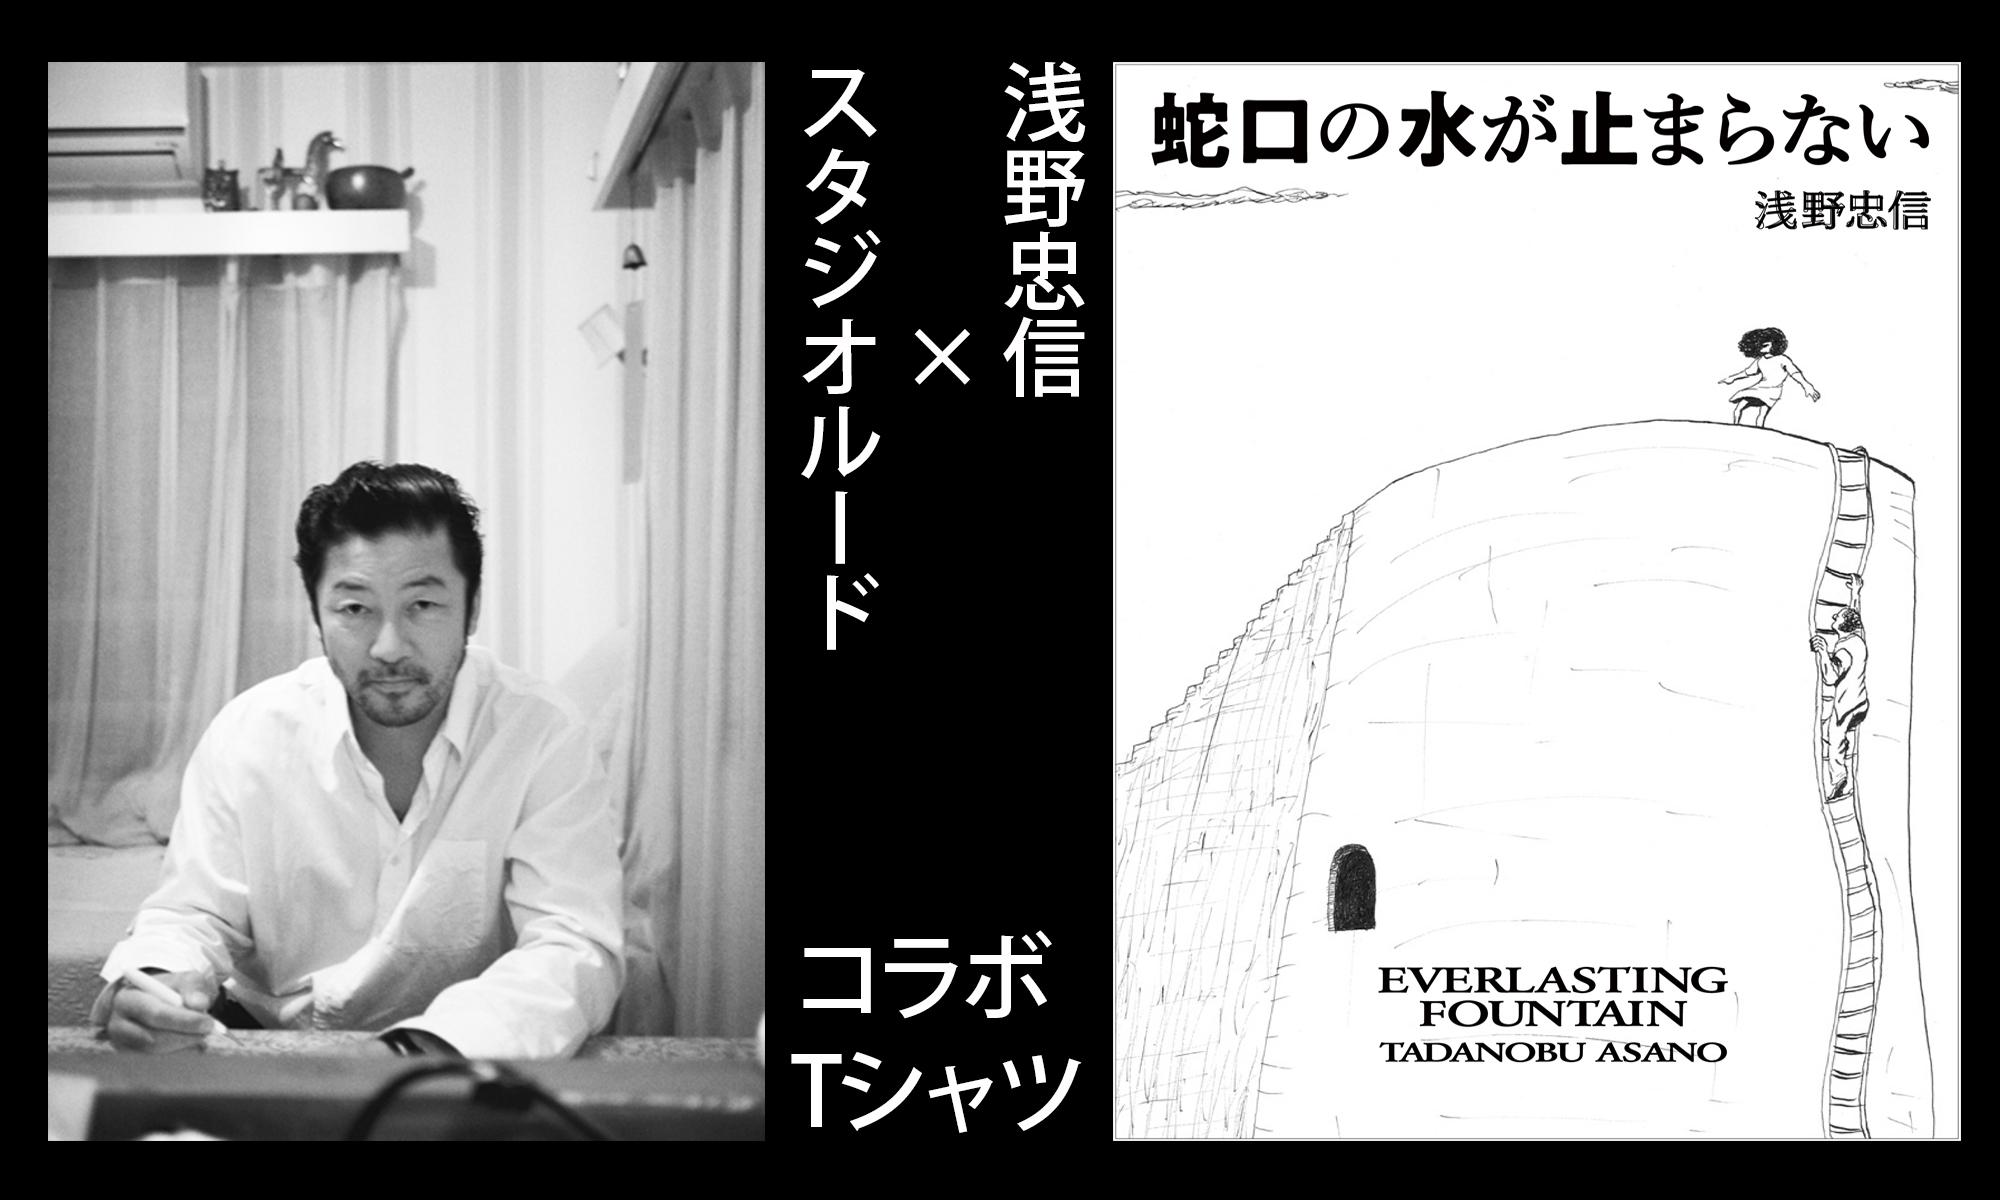 個展開催を記念したアートTシャツが登場 浅野忠信×STUDIO RUDE -COLLABORATION T-SHIRTS